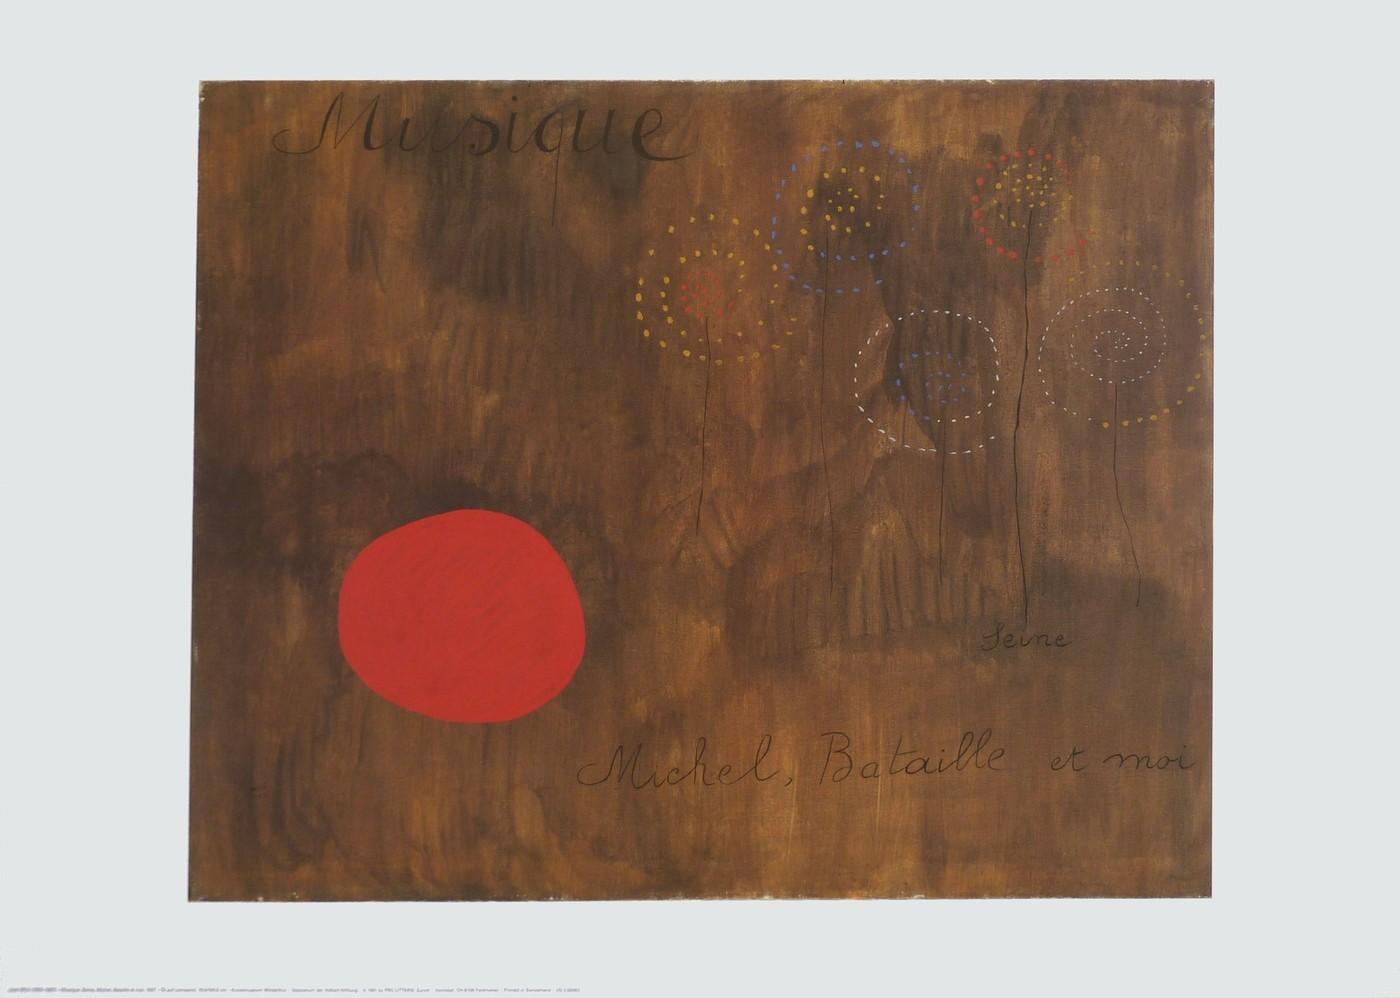 Joan Miró, Musique, Seine, Michel, Bataille et moi (Klassische Moderne)